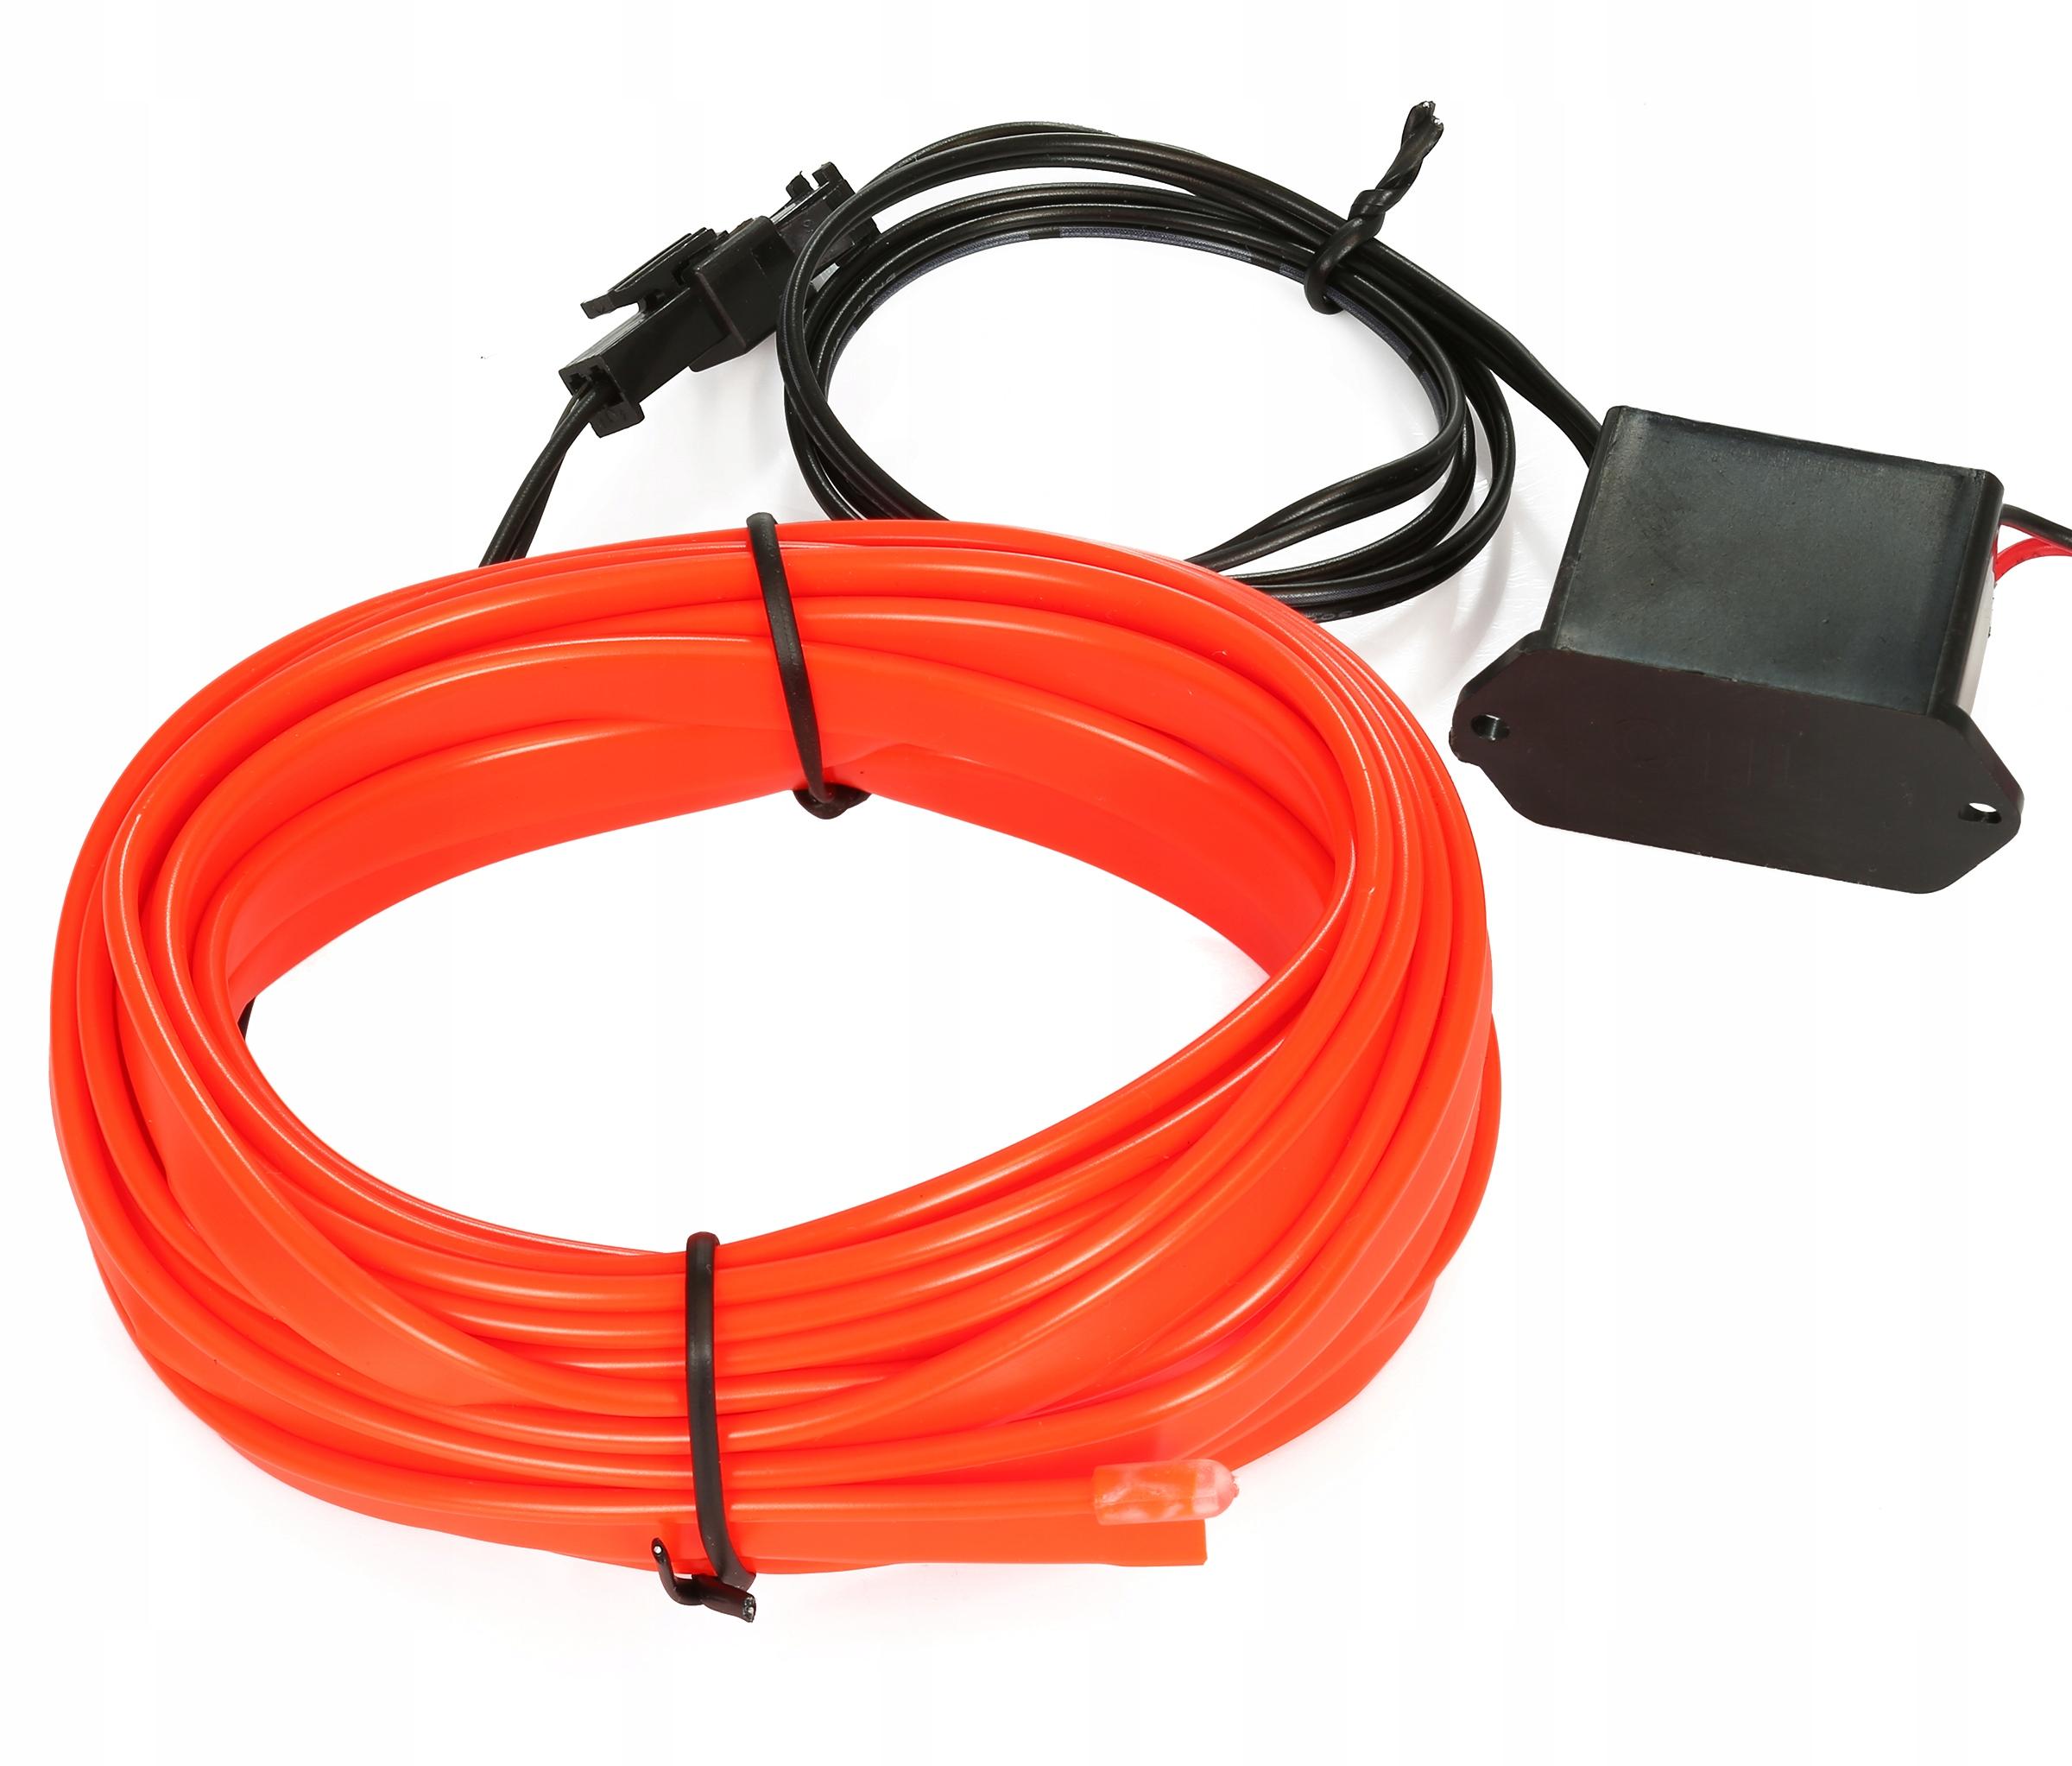 4m Волоконно-оптический кабель el wire лента ambient панель как led